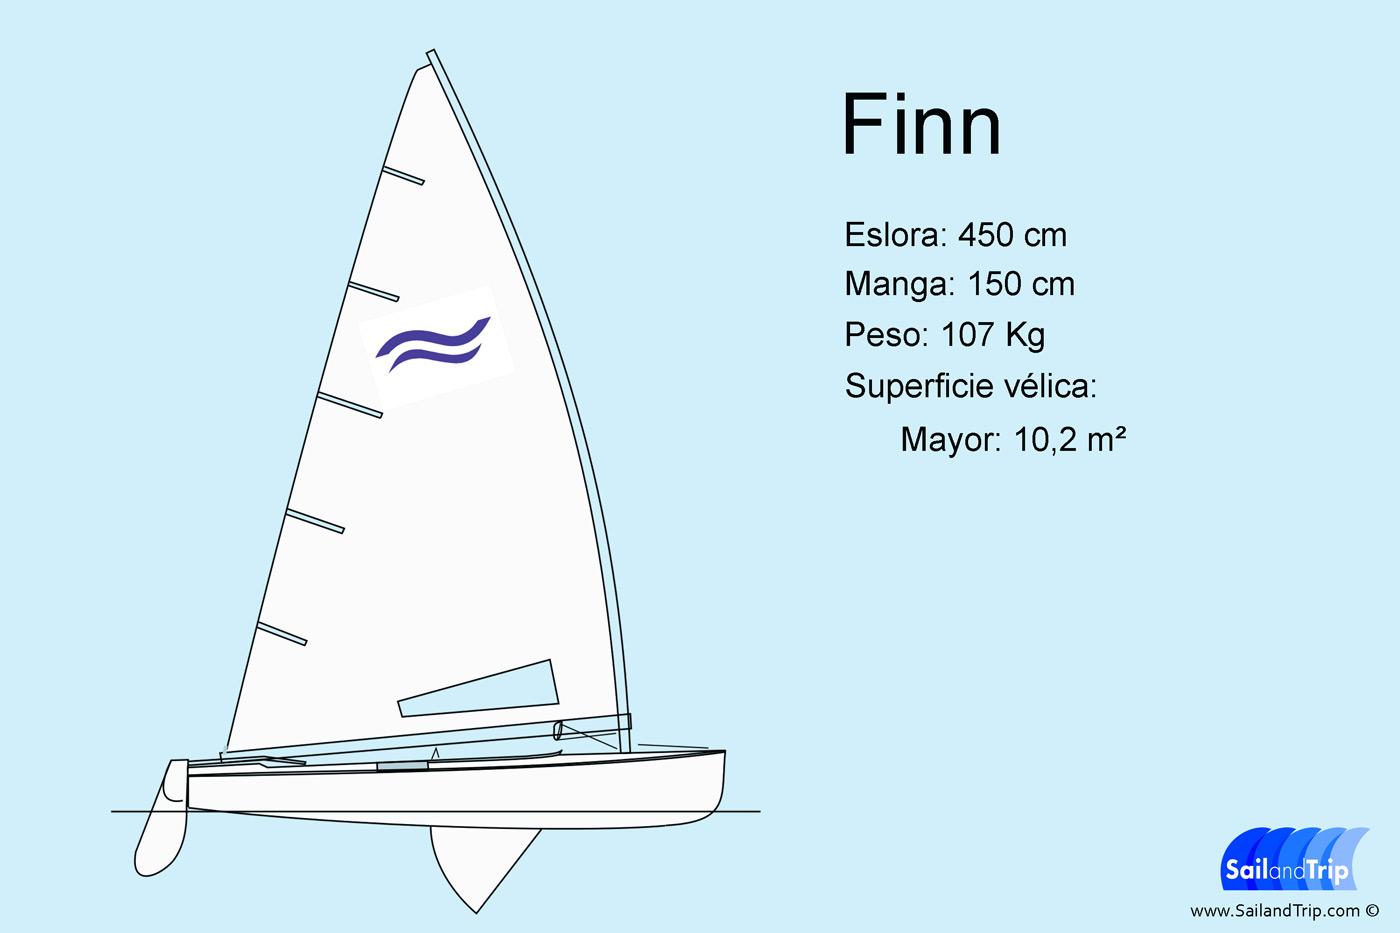 Clase Finn vela